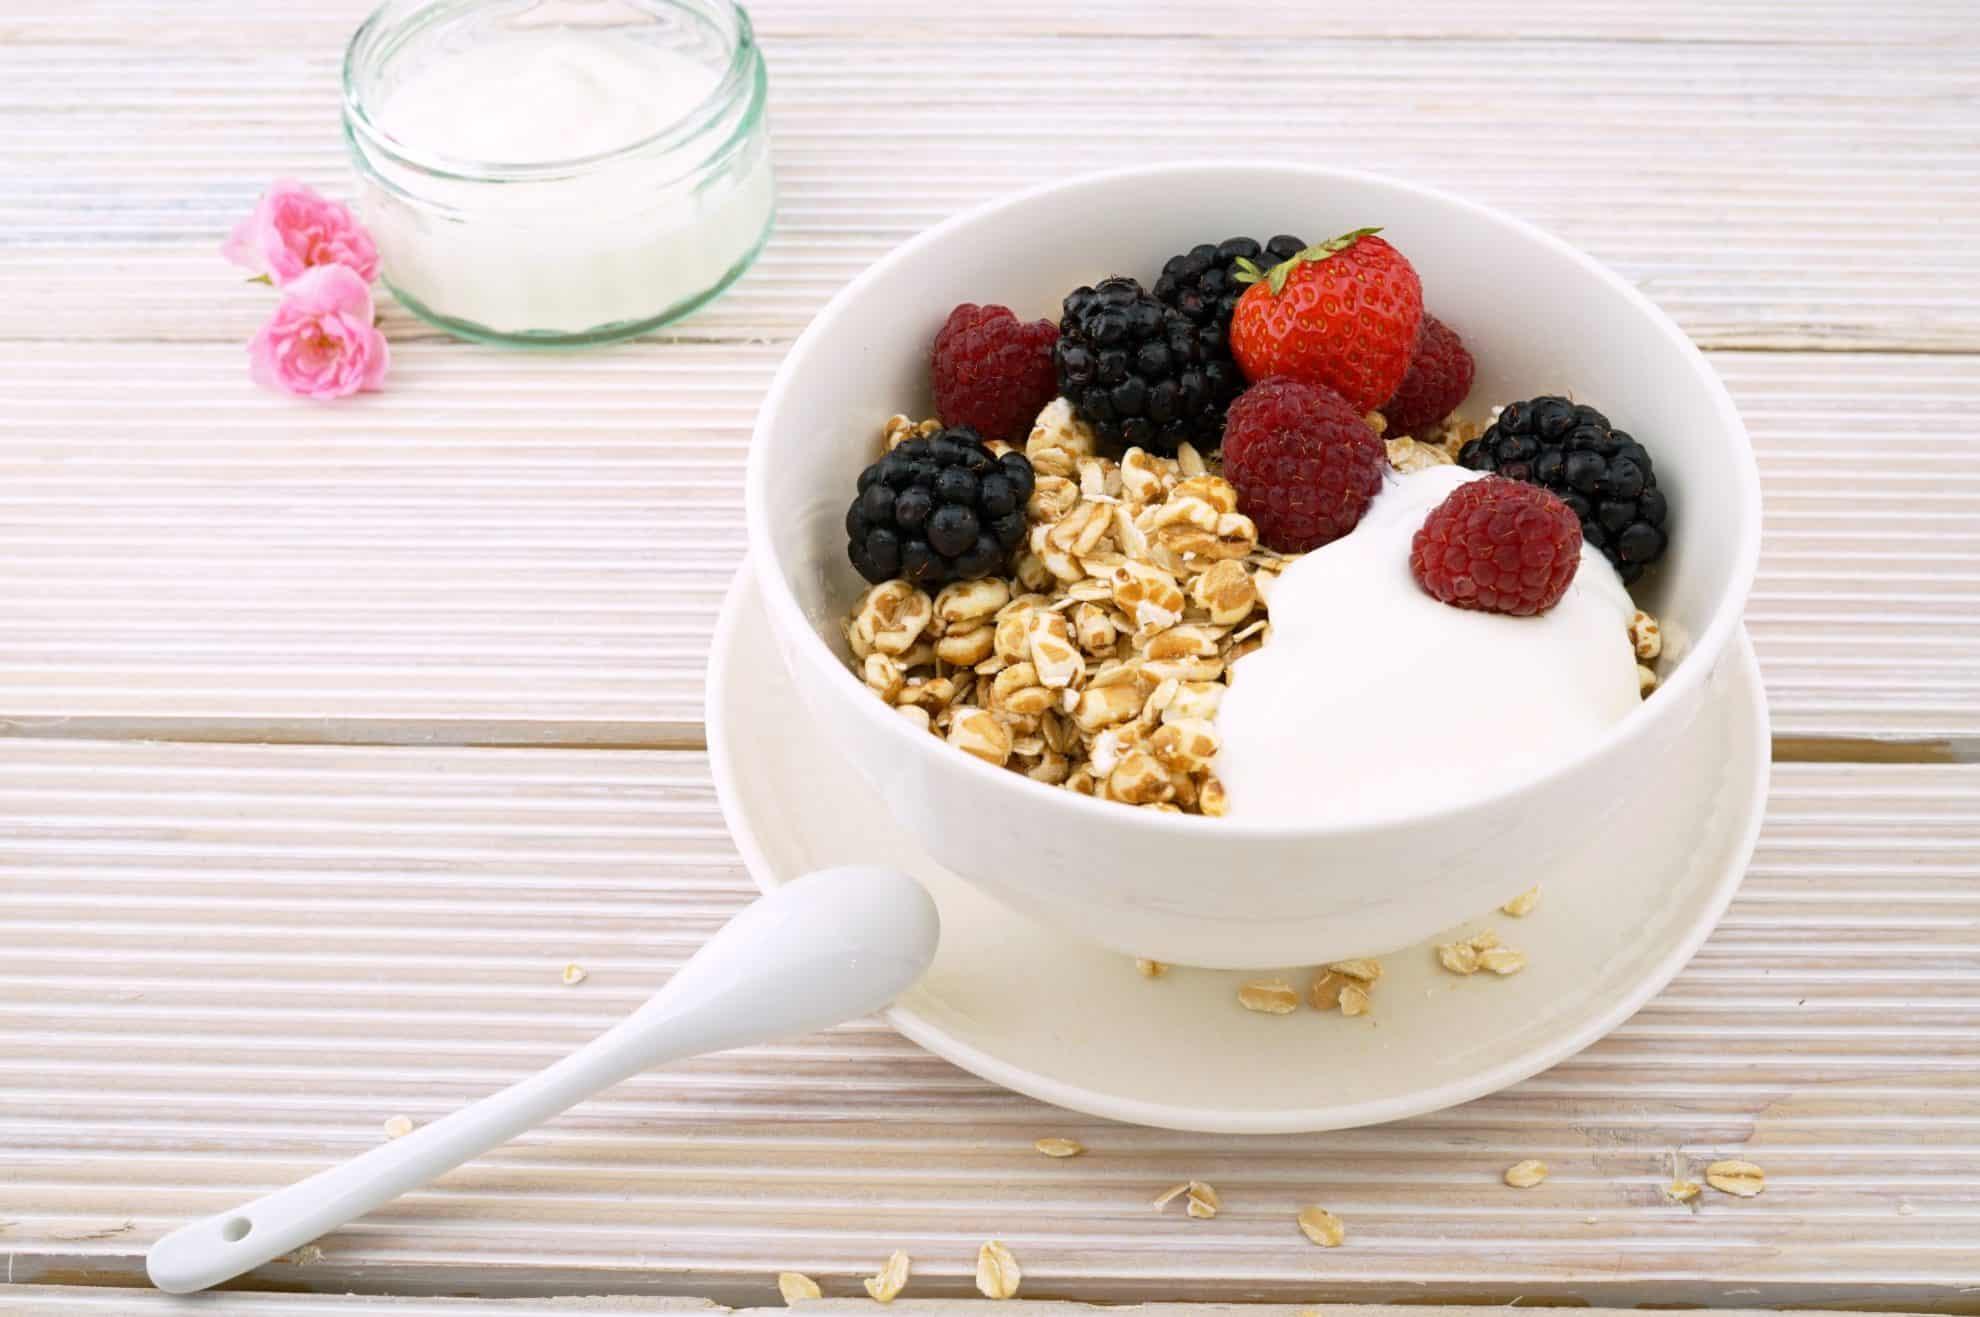 Domowe probiotyki naturalne i ich właściwości